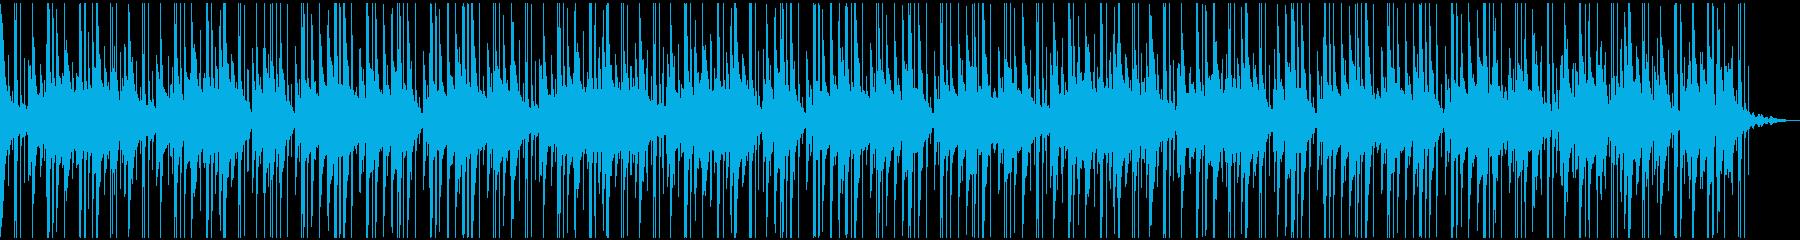 天国にいるような癒しのハープBGMの再生済みの波形